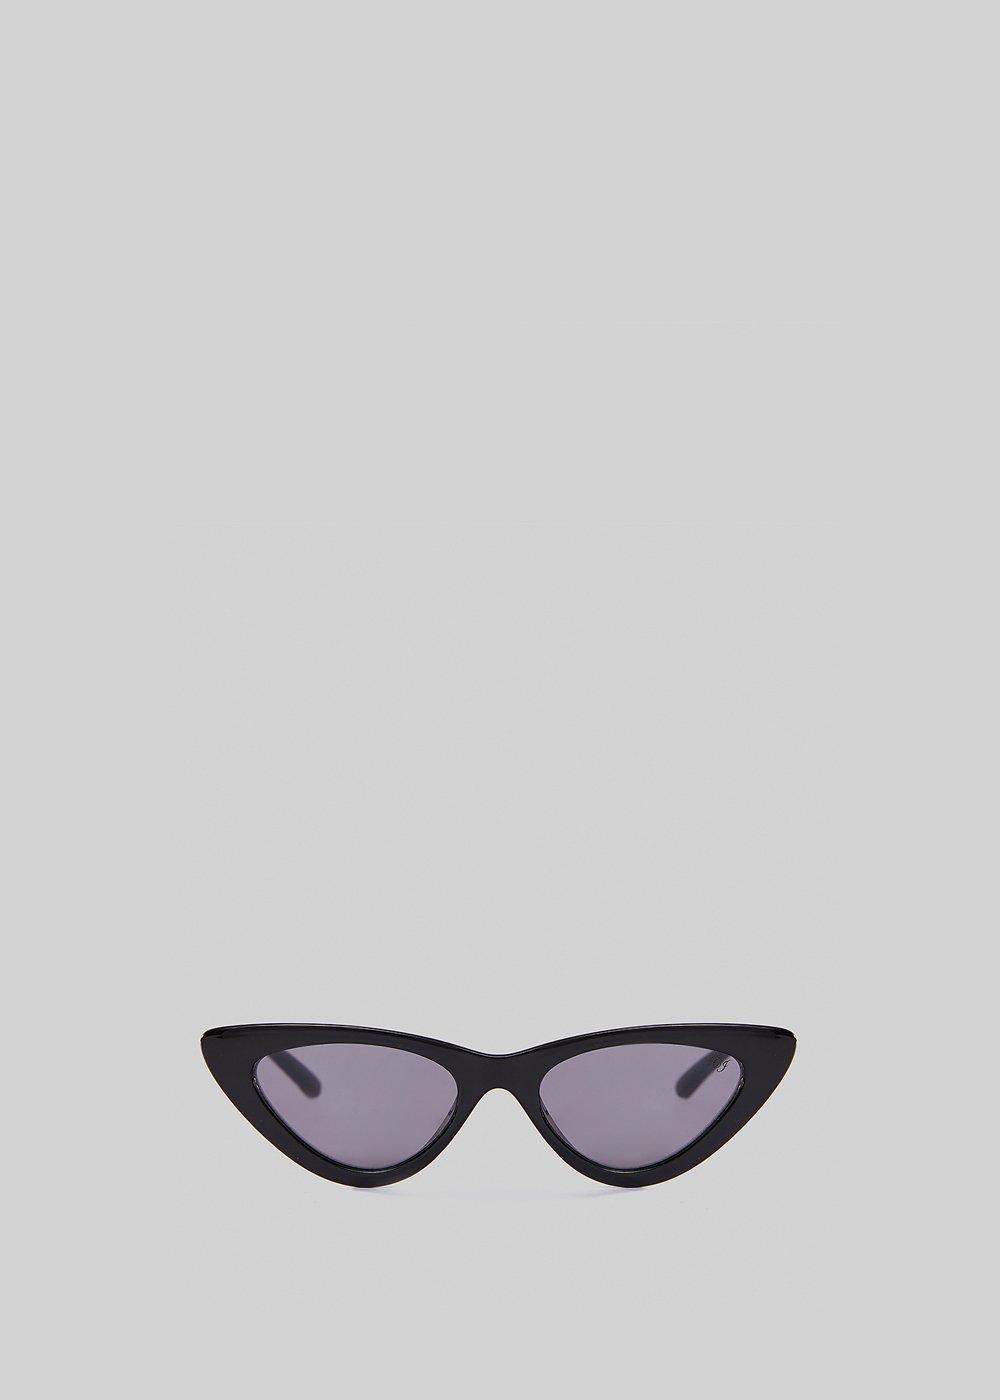 Cat-eye sunglasses SRP 254 - Black